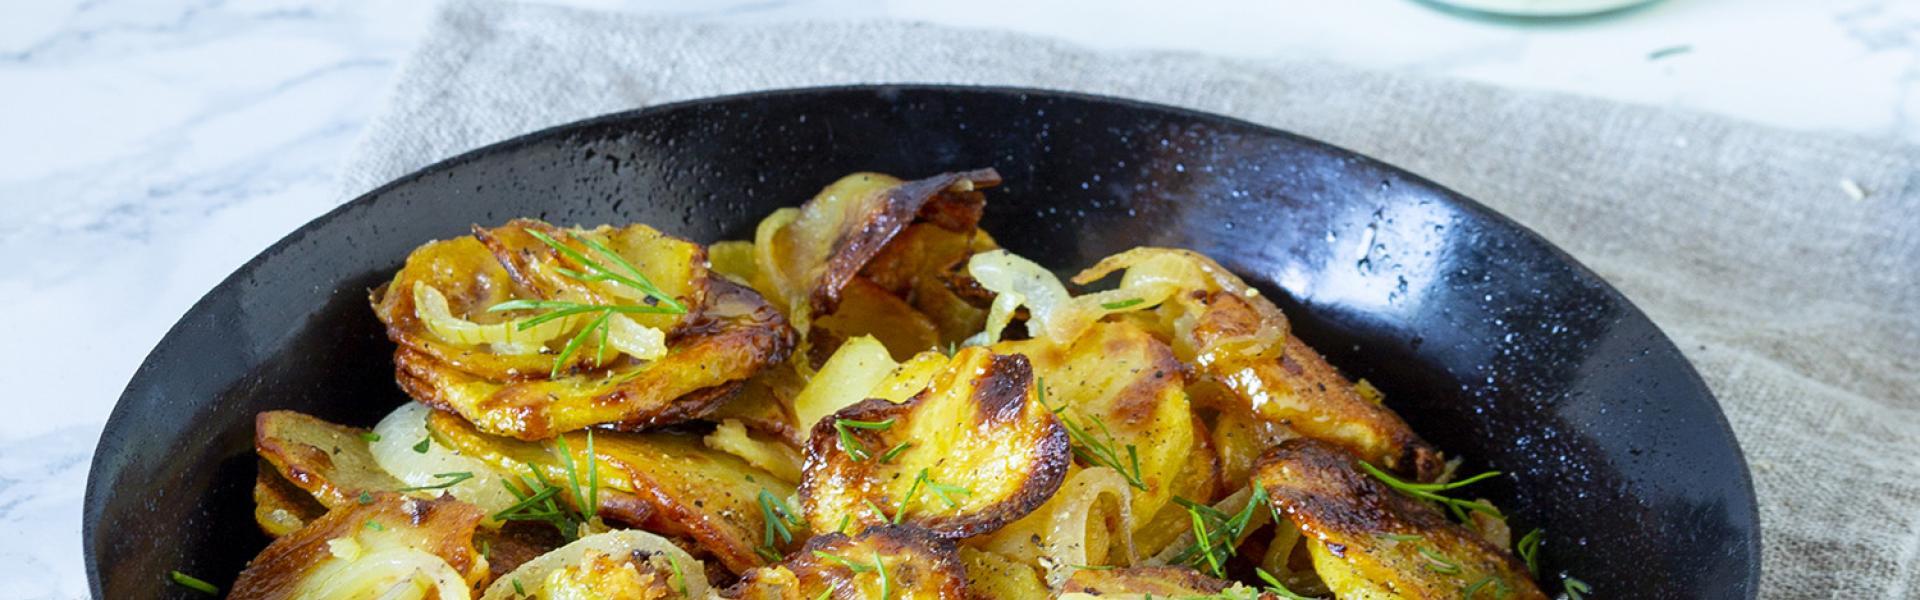 Bratkartoffeln aus rohen Kartoffeln in einer Gusseisenpfanne auf einem Tisch.